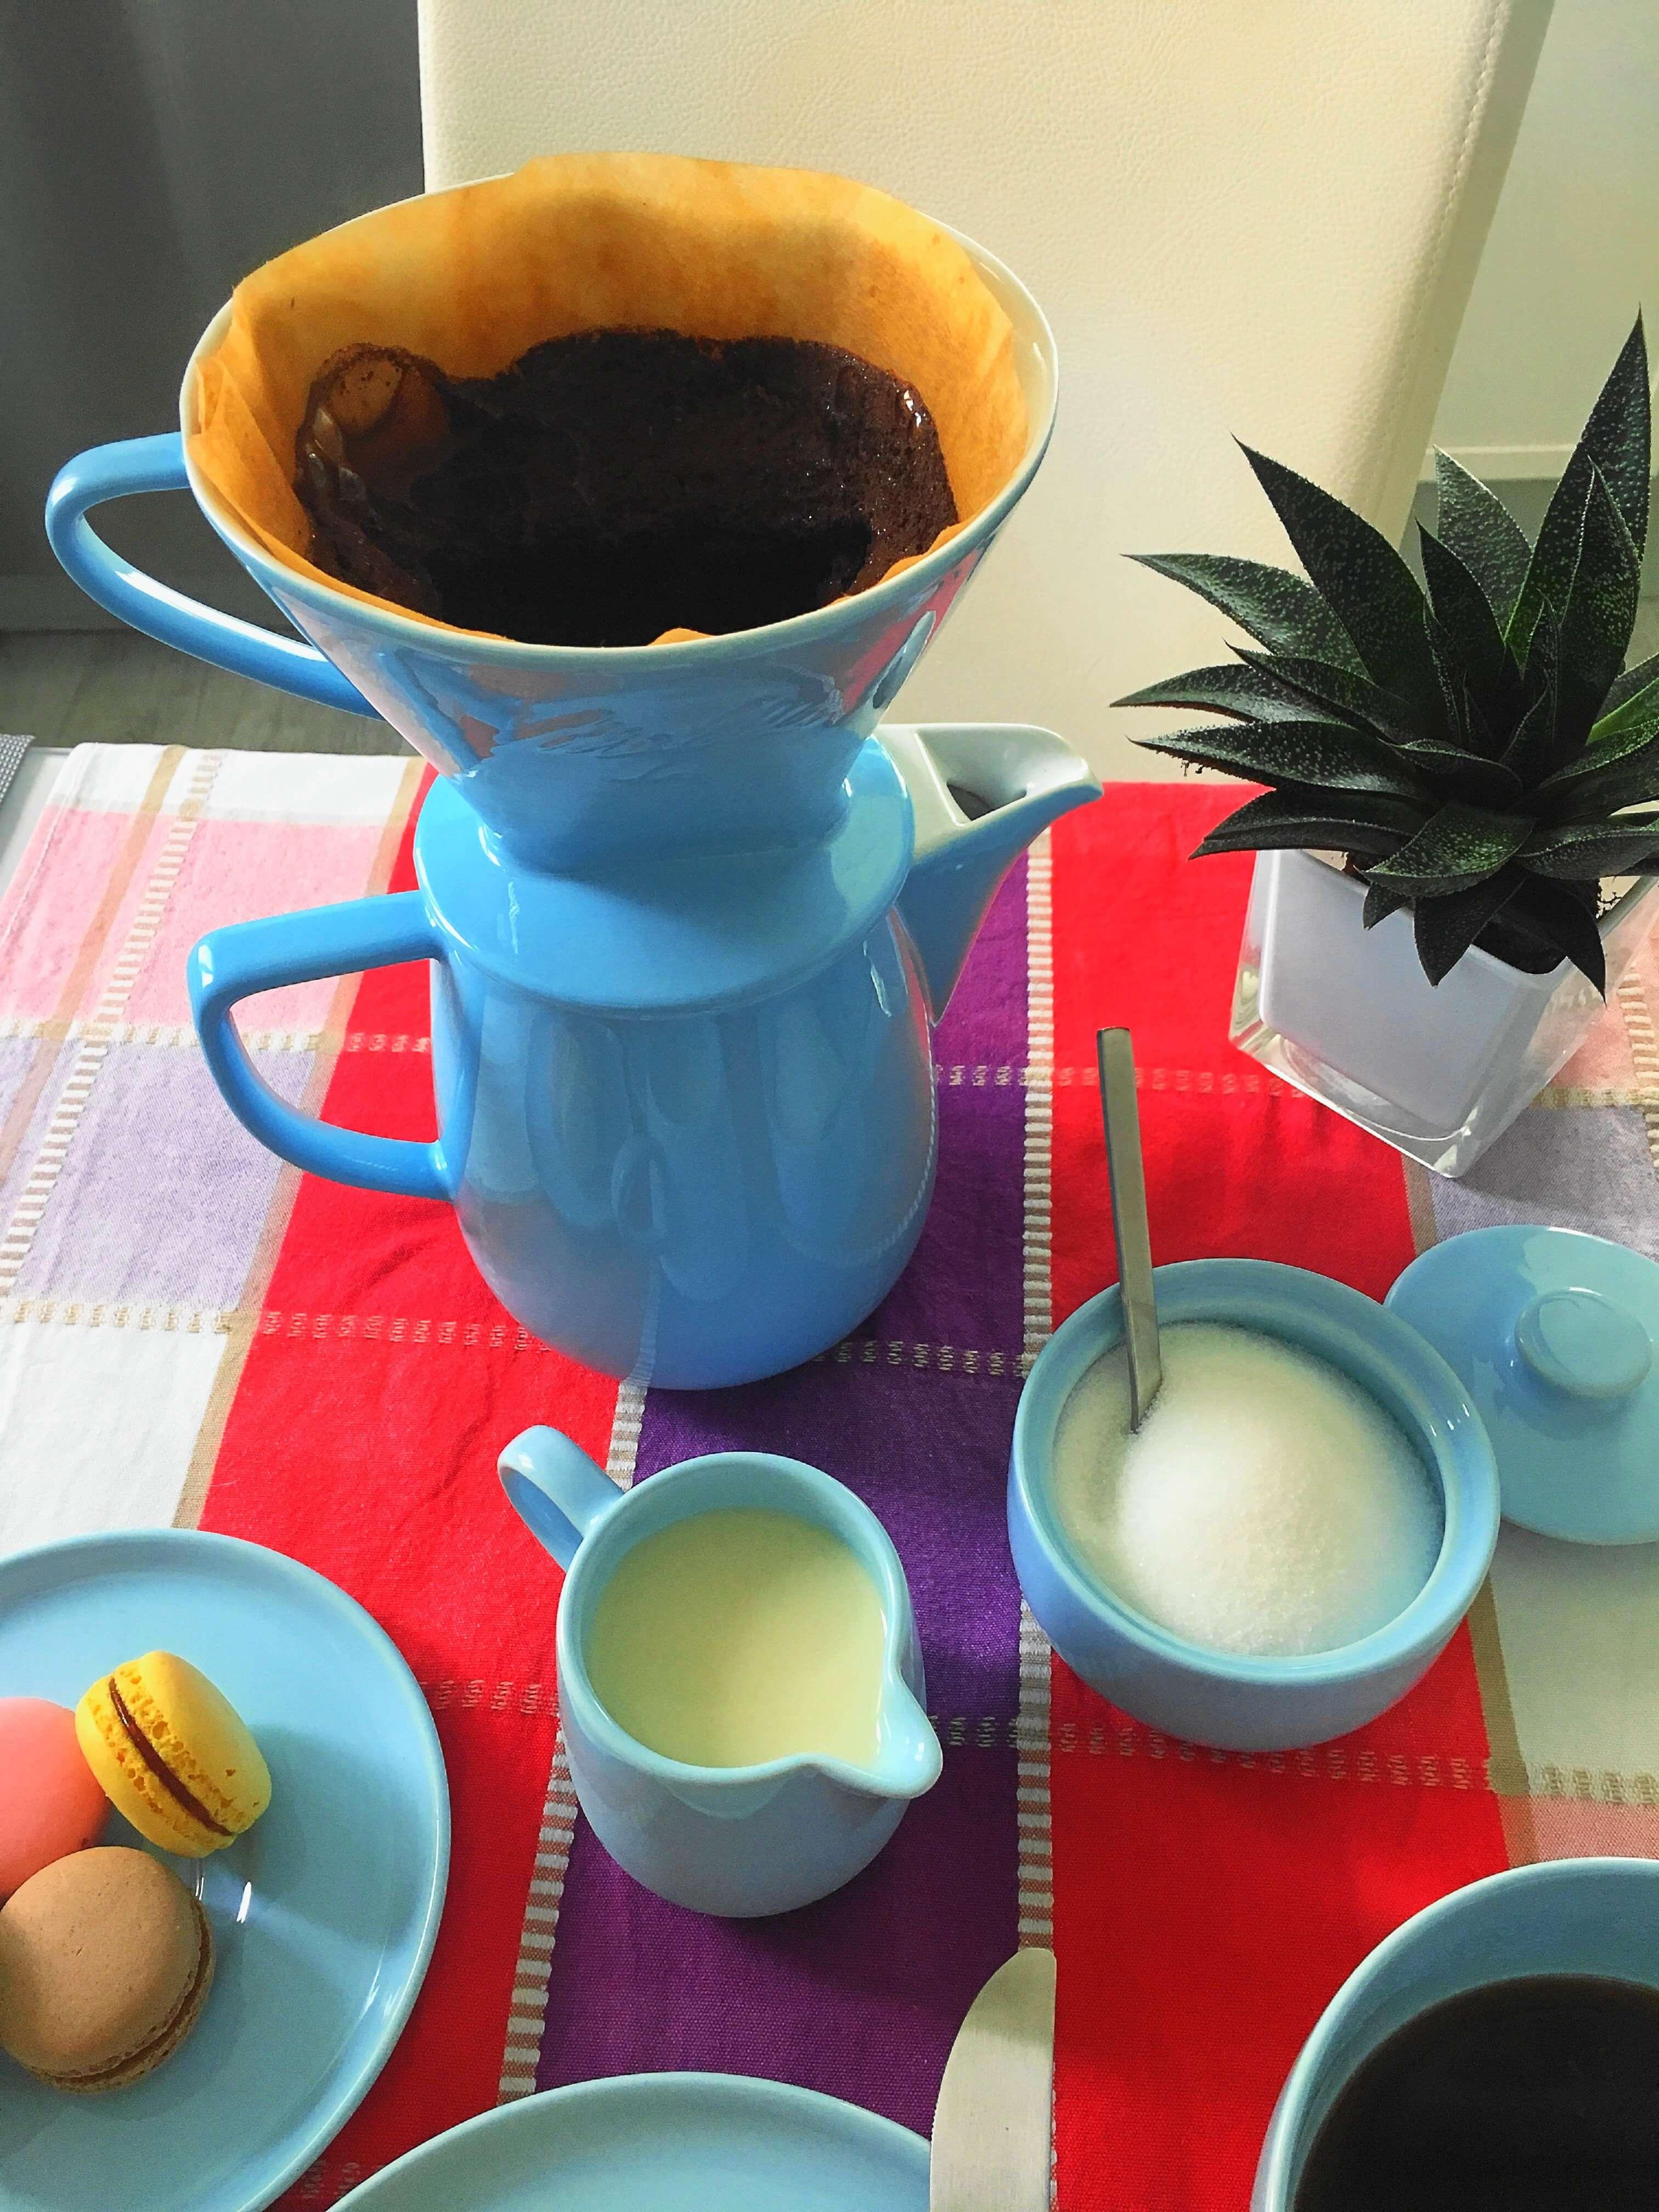 Heute zeige ich euch das stylische Melitta-Filter von Friesland Porzellan, erzähle die Geschichte des Kaffeefilters und gebe Tipps für`s perfekte Pour-Over